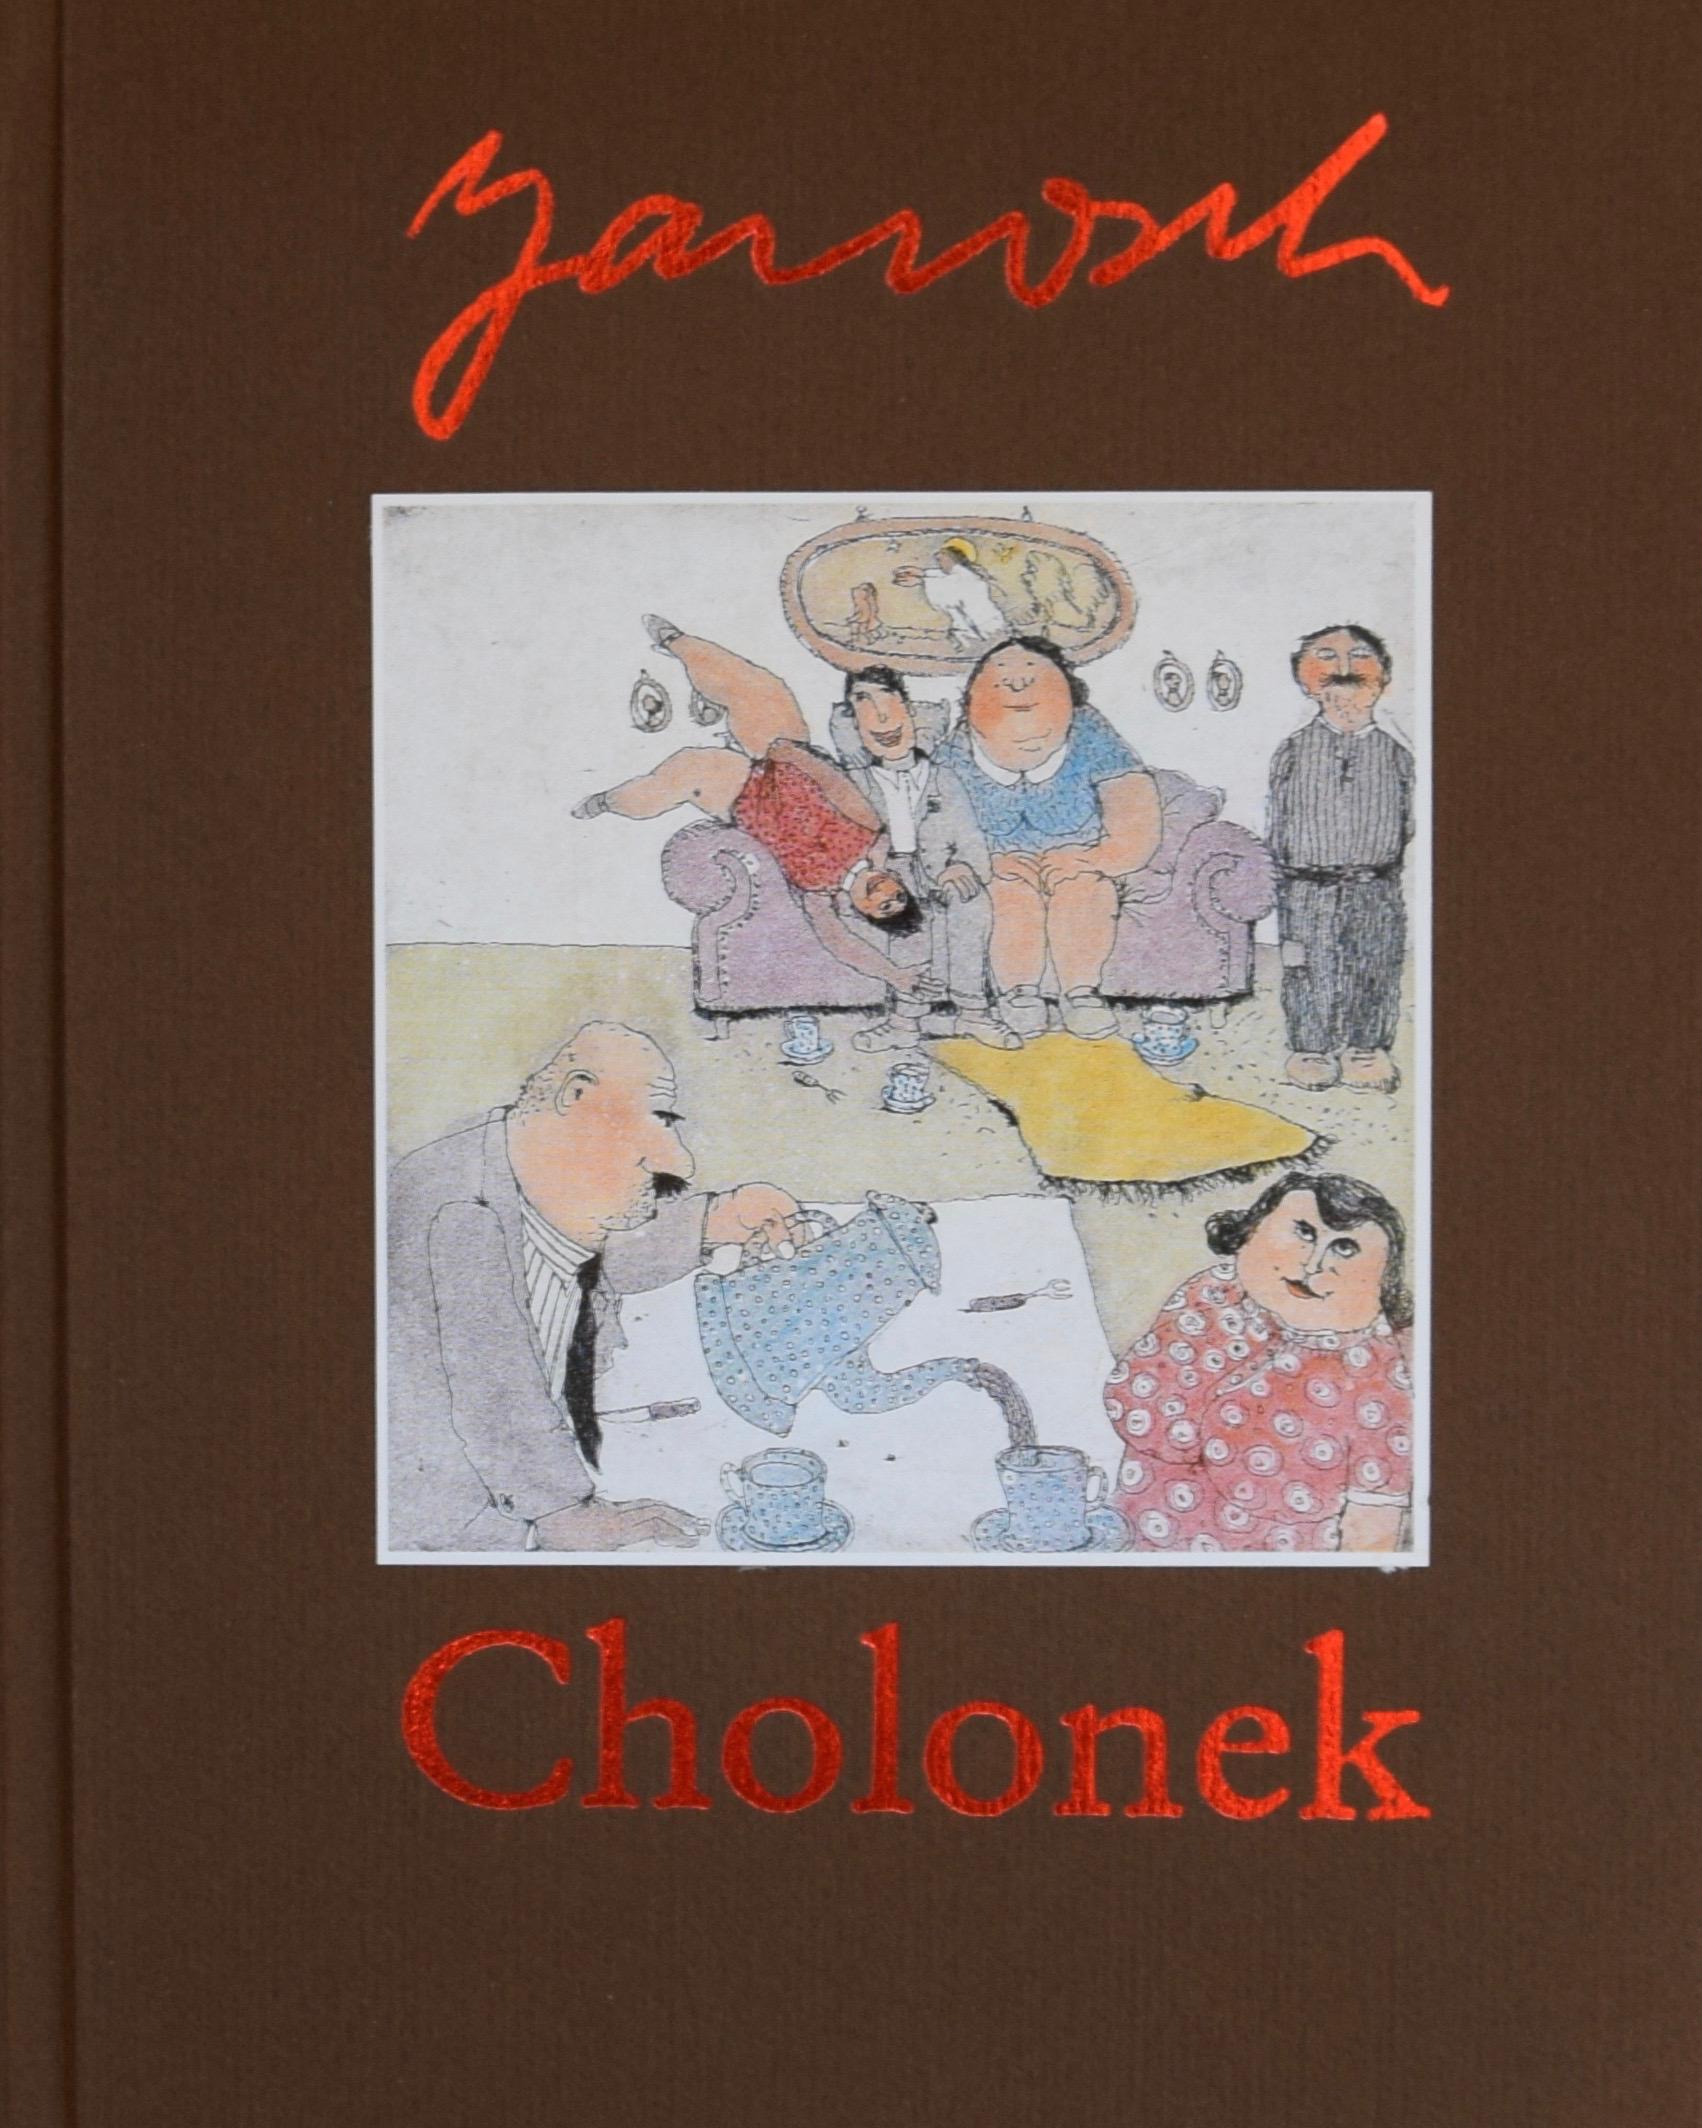 """Dies ist das zugehörige Buch """"Cholonek"""" zu der Mappe."""